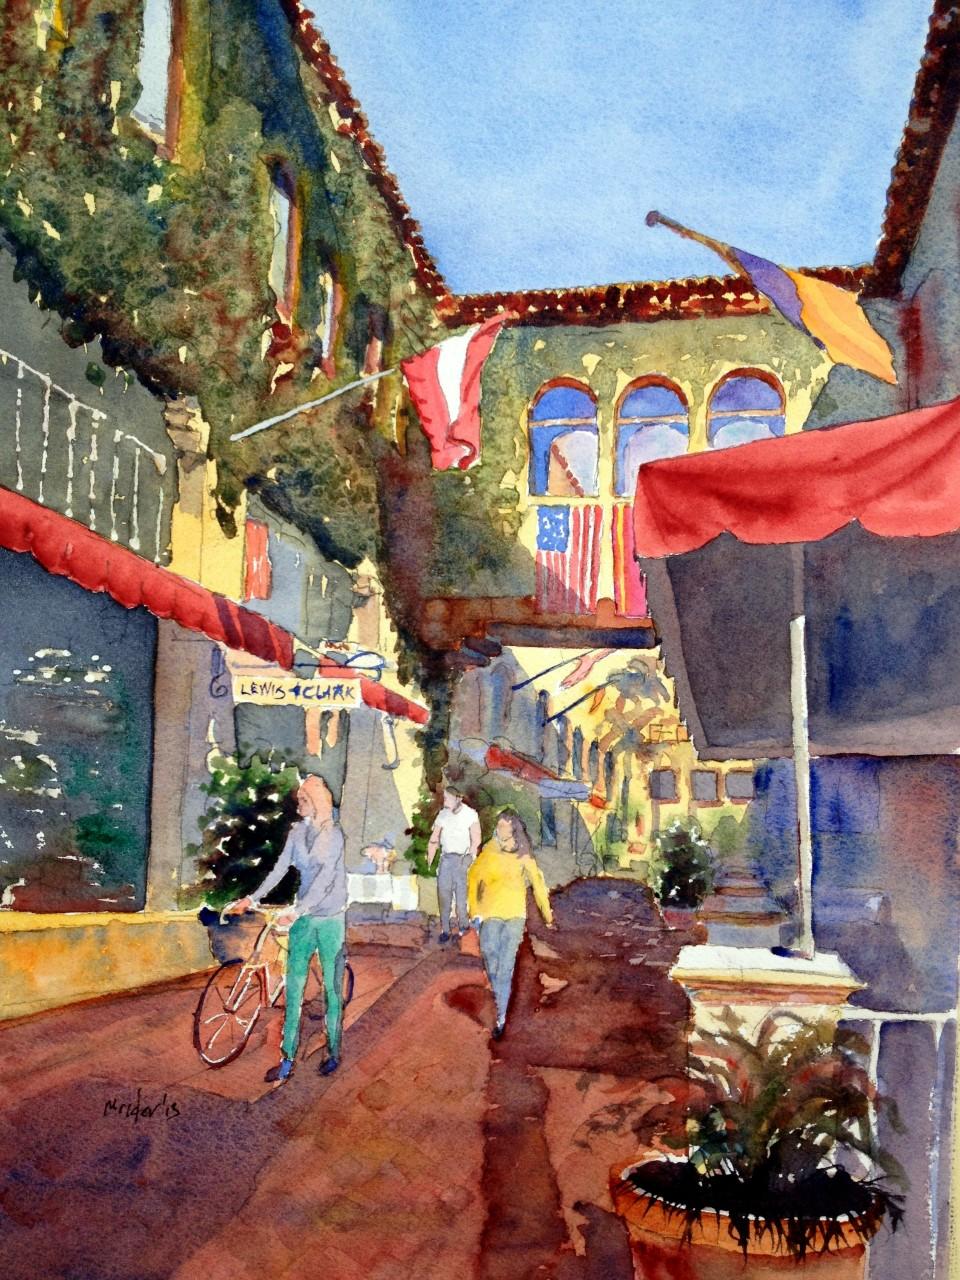 La Arcada Santa Barbara